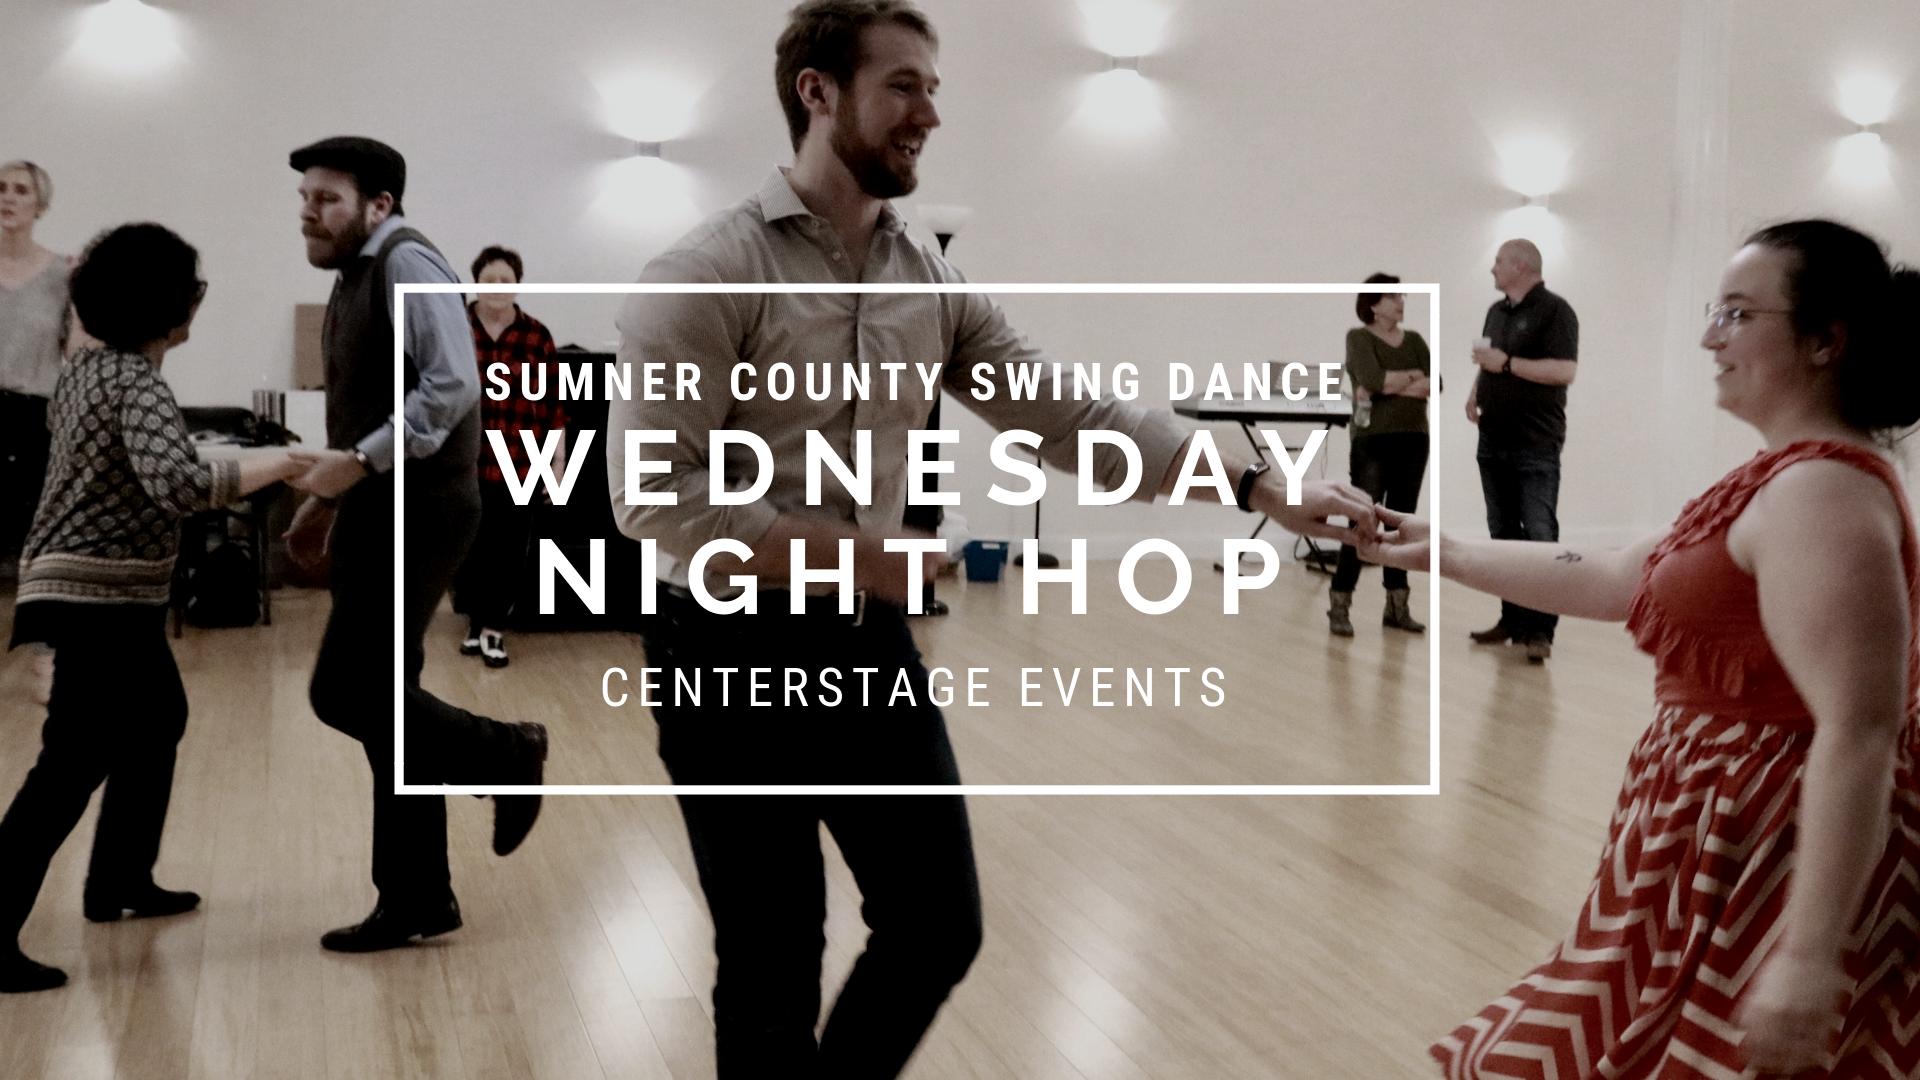 Sumner County Swing Dance